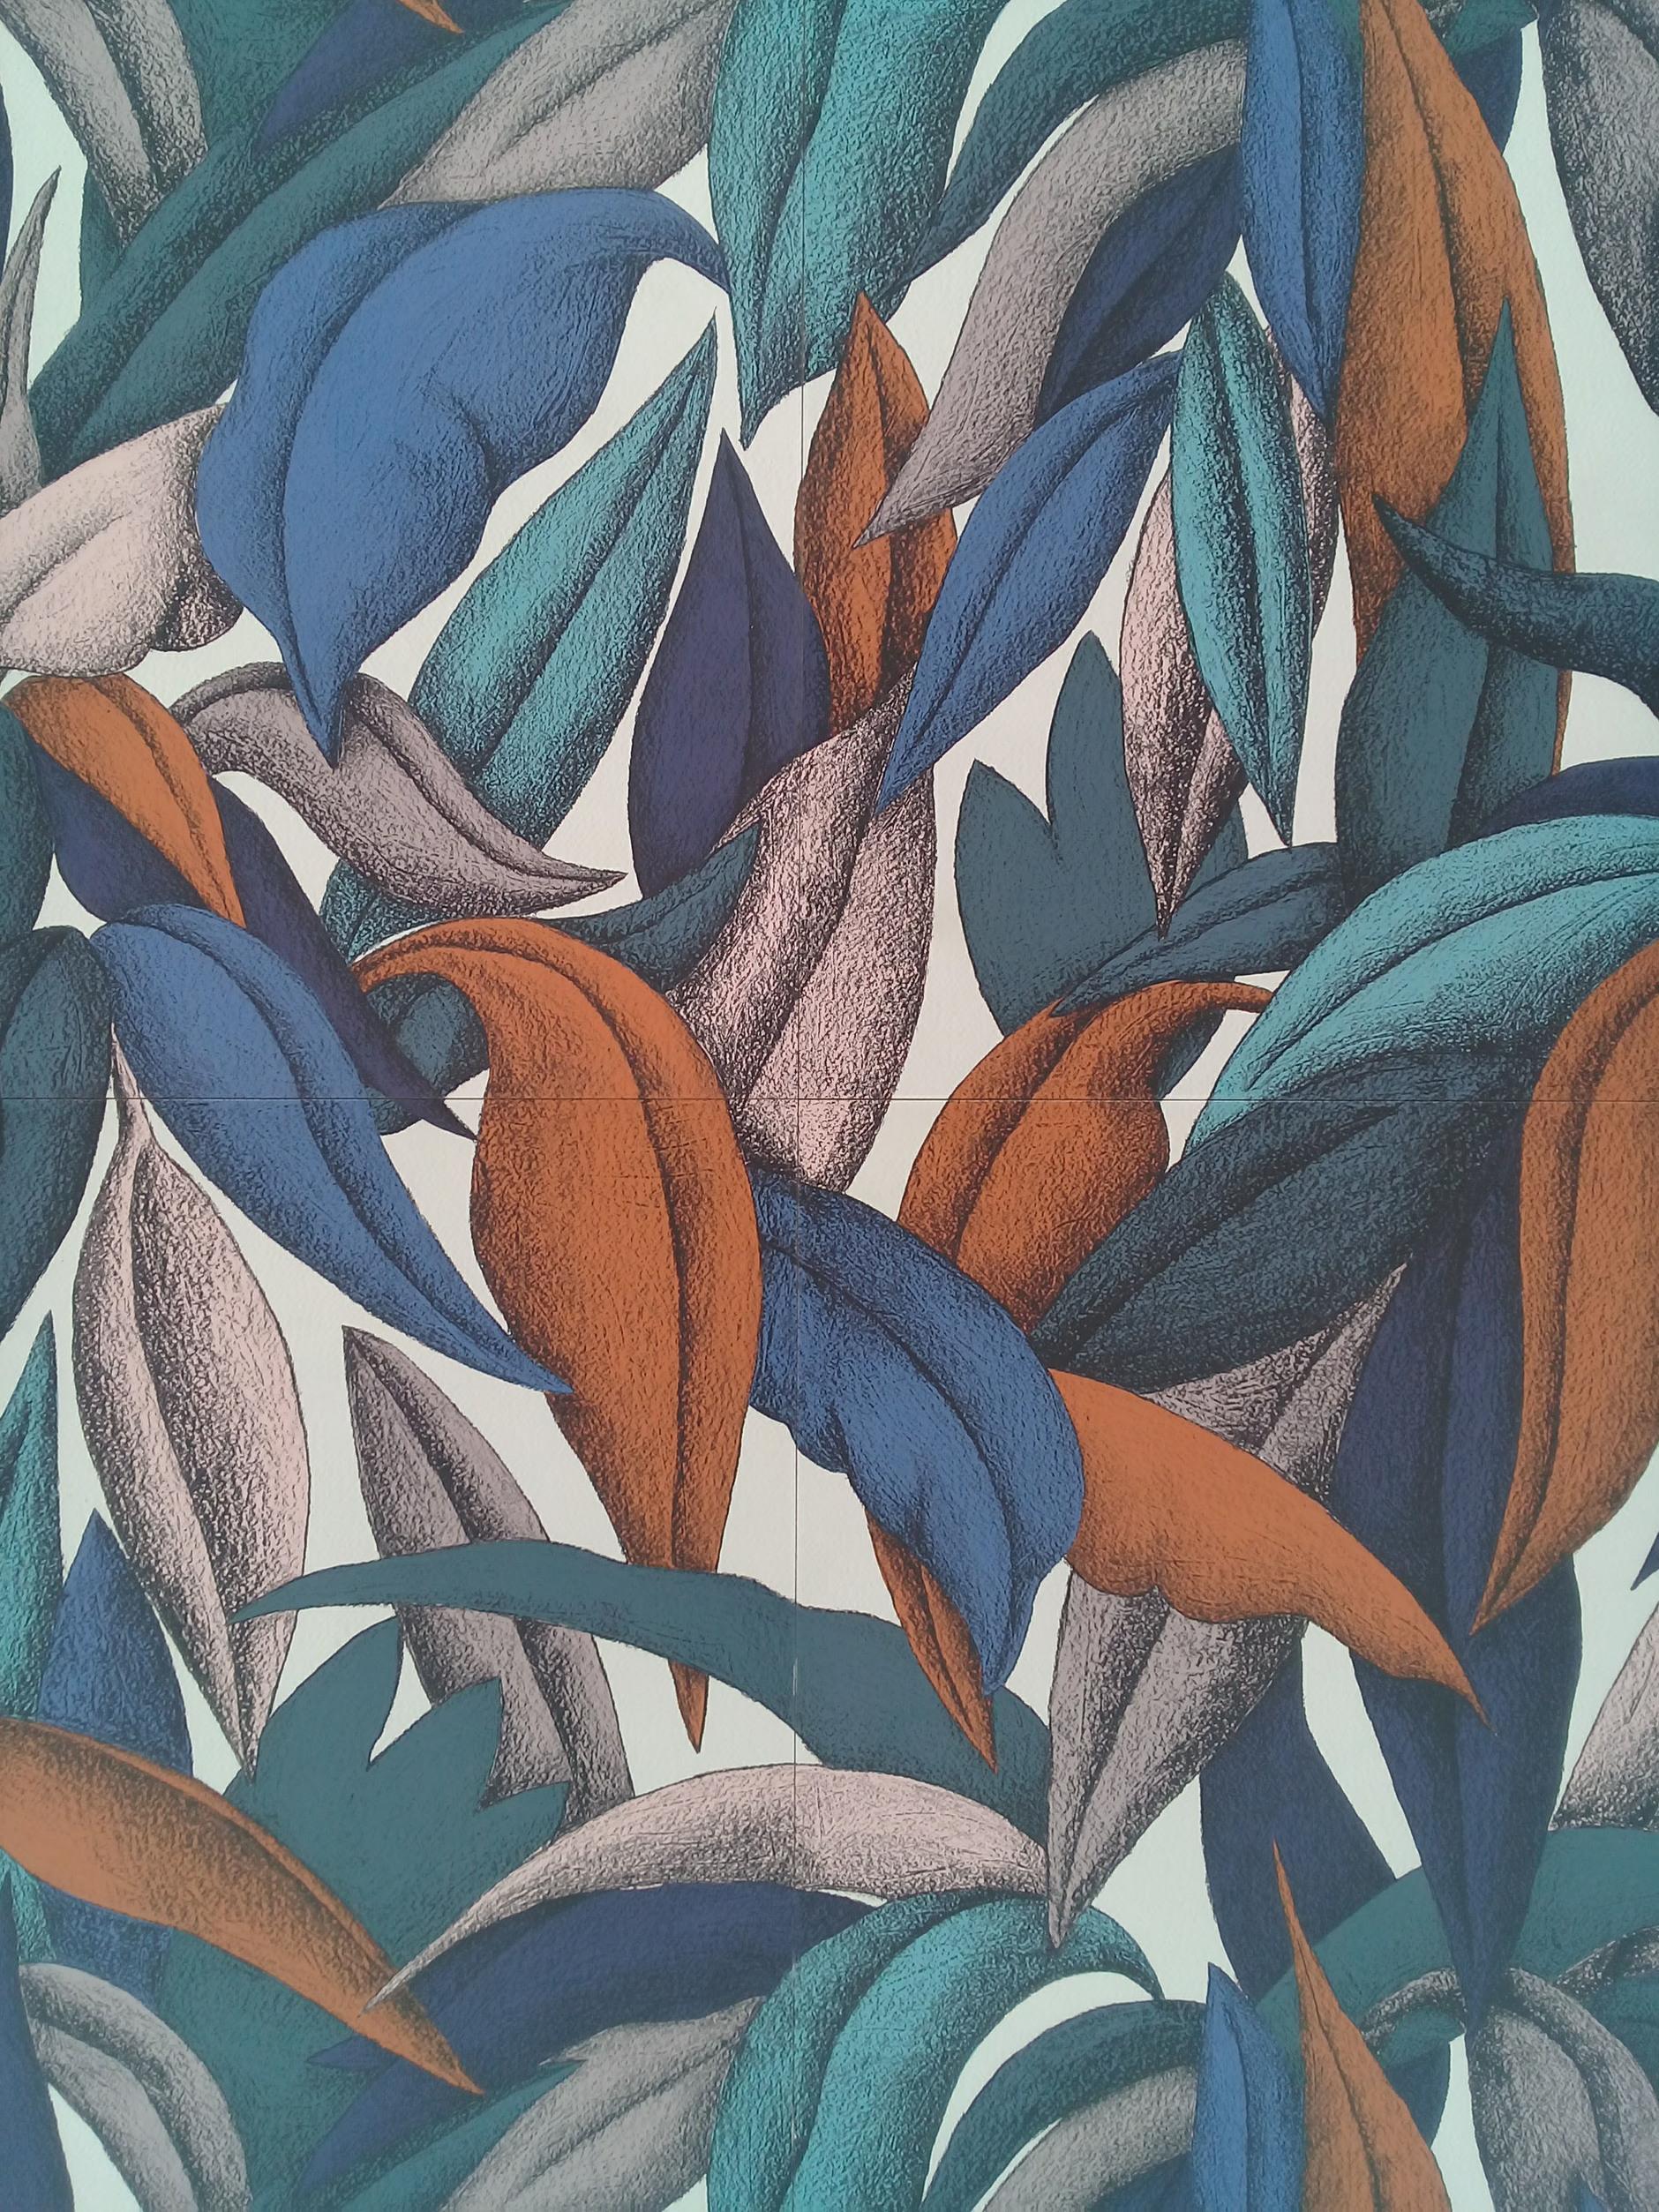 10 новинок выставки Cersaie 2018 — керамика как искусство (галерея 14, фото 7)